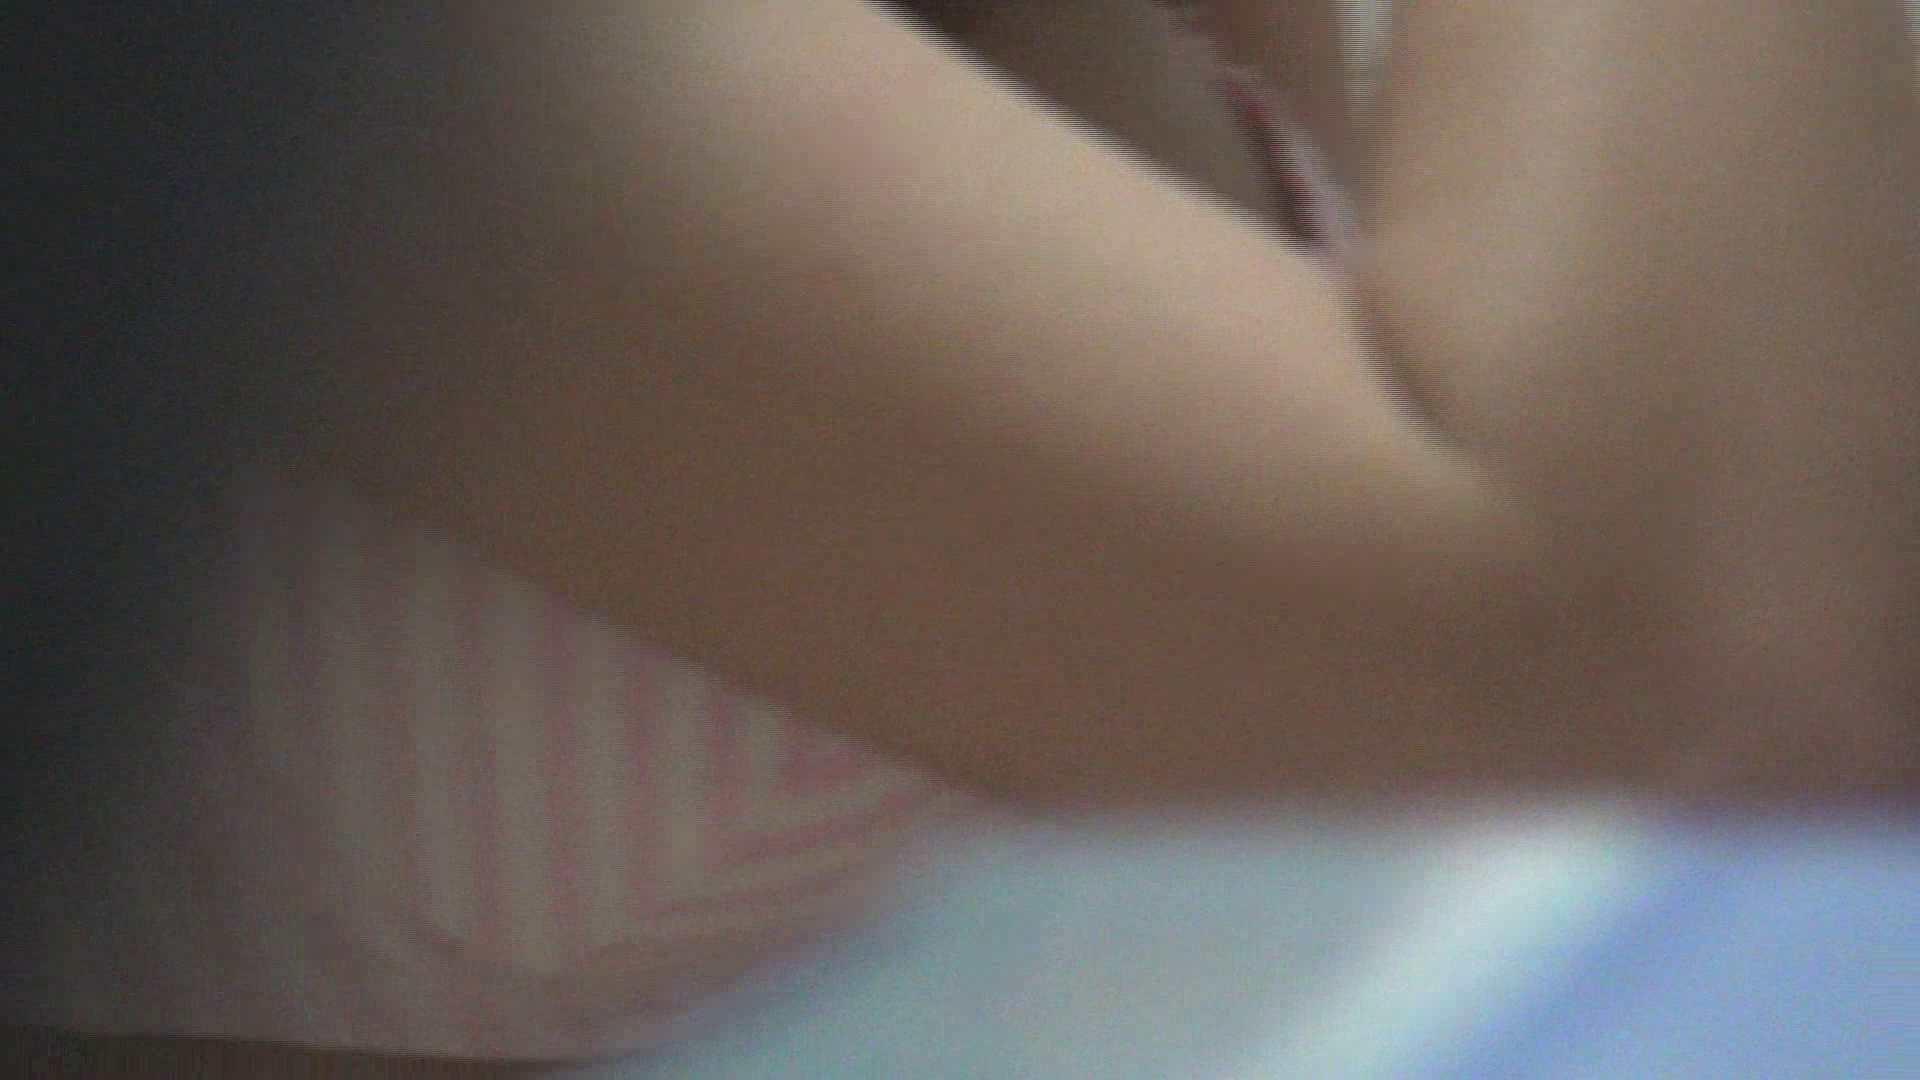 【05】仕事が忙しくて・・・久しぶりにベランダで待ち伏せ マンコ満開 ワレメ無修正動画無料 89PIX 34